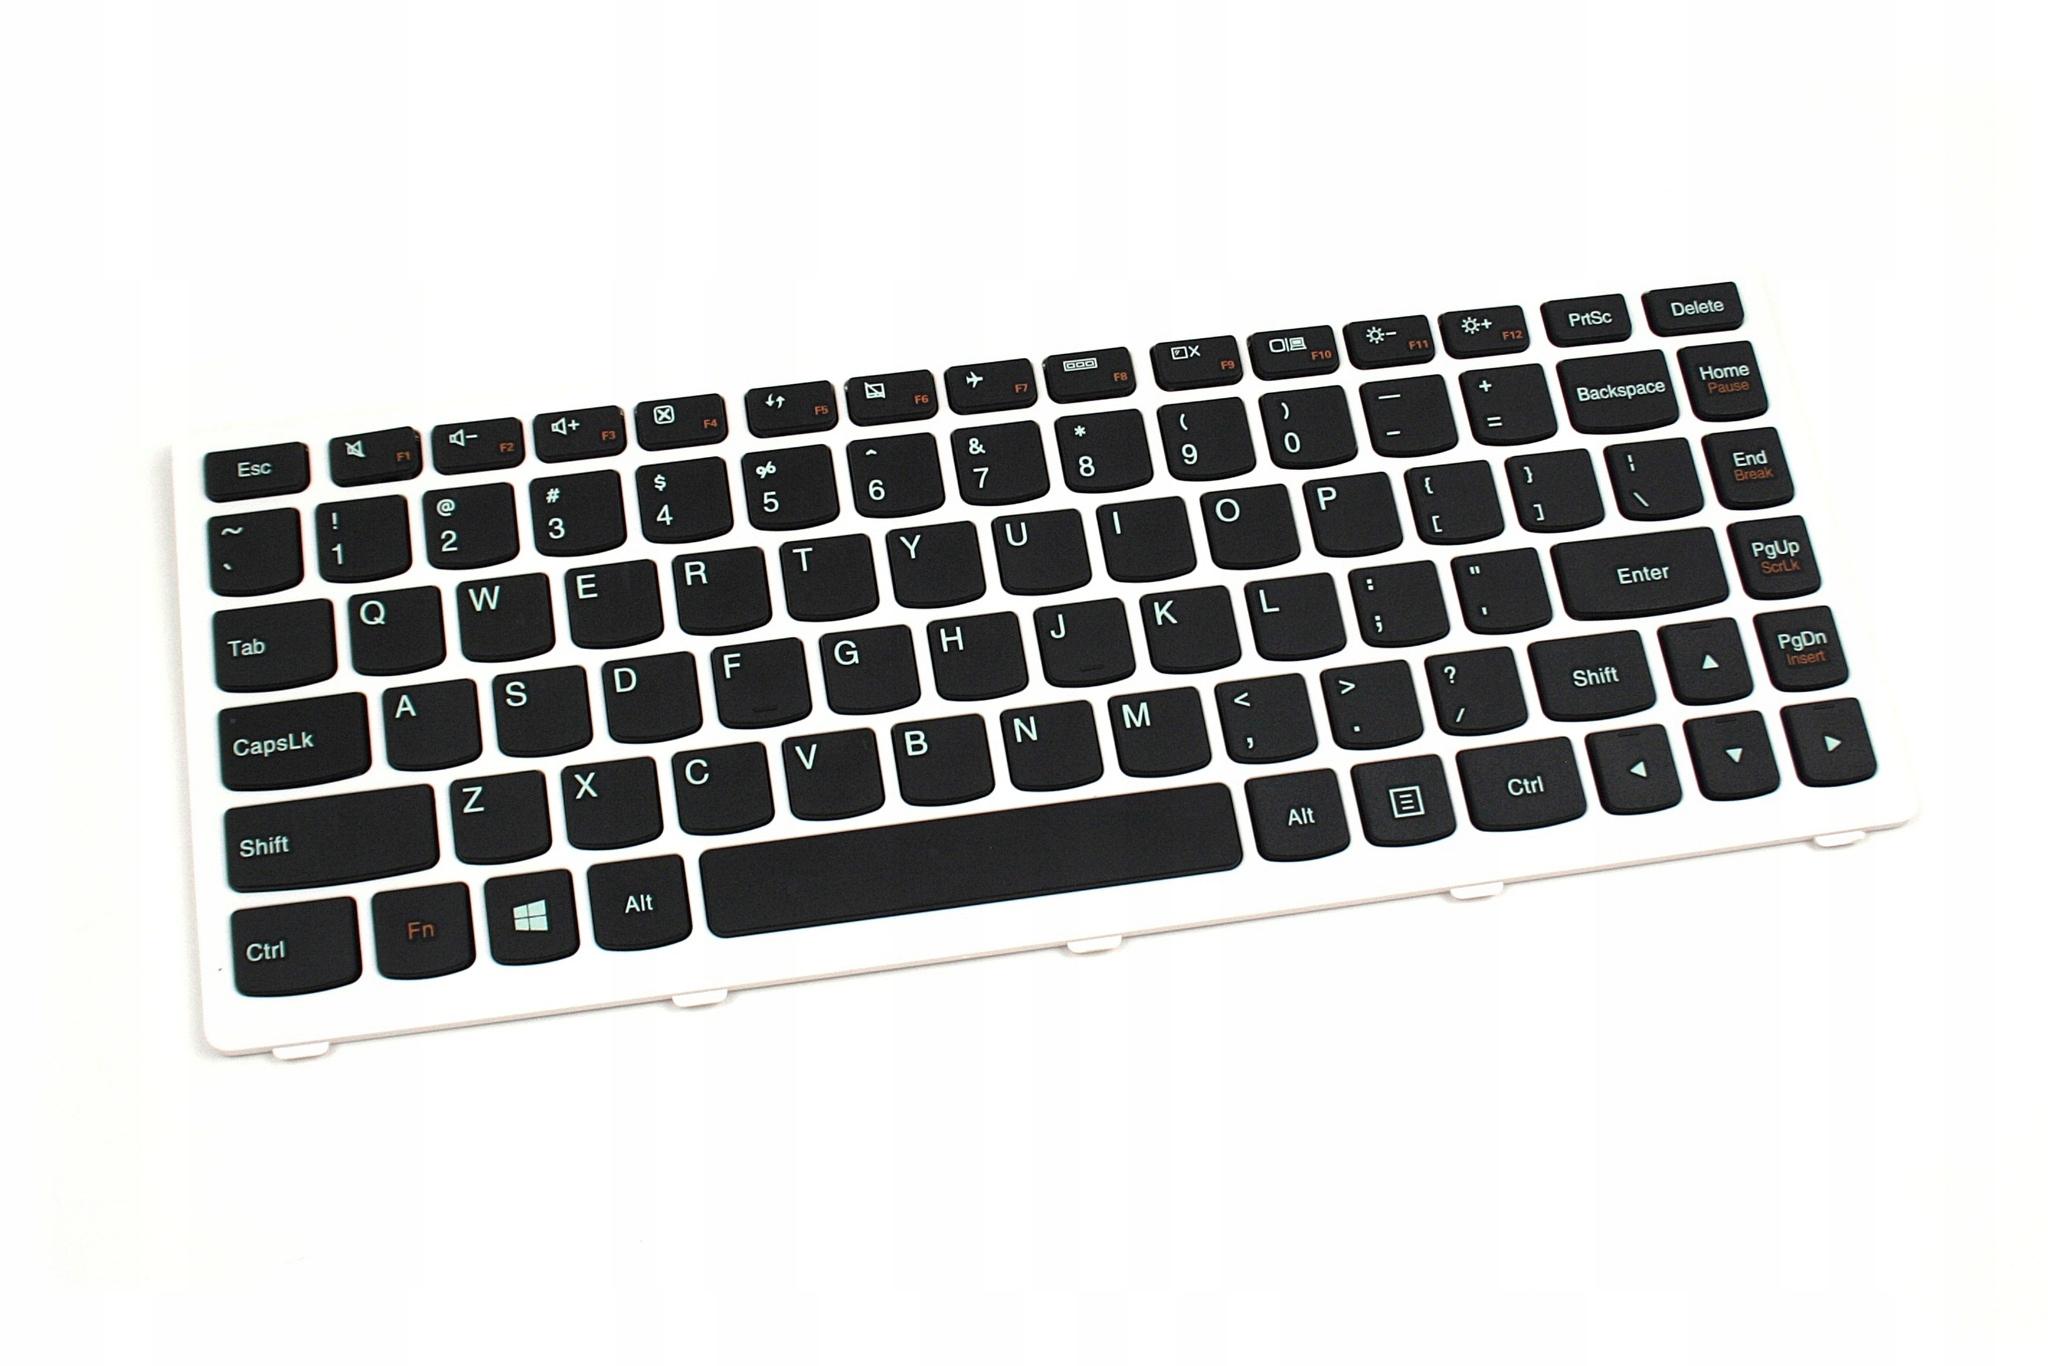 KLAWIATURA IBM LENOVO IDEAPAD U310 - Klawiatury do laptopów